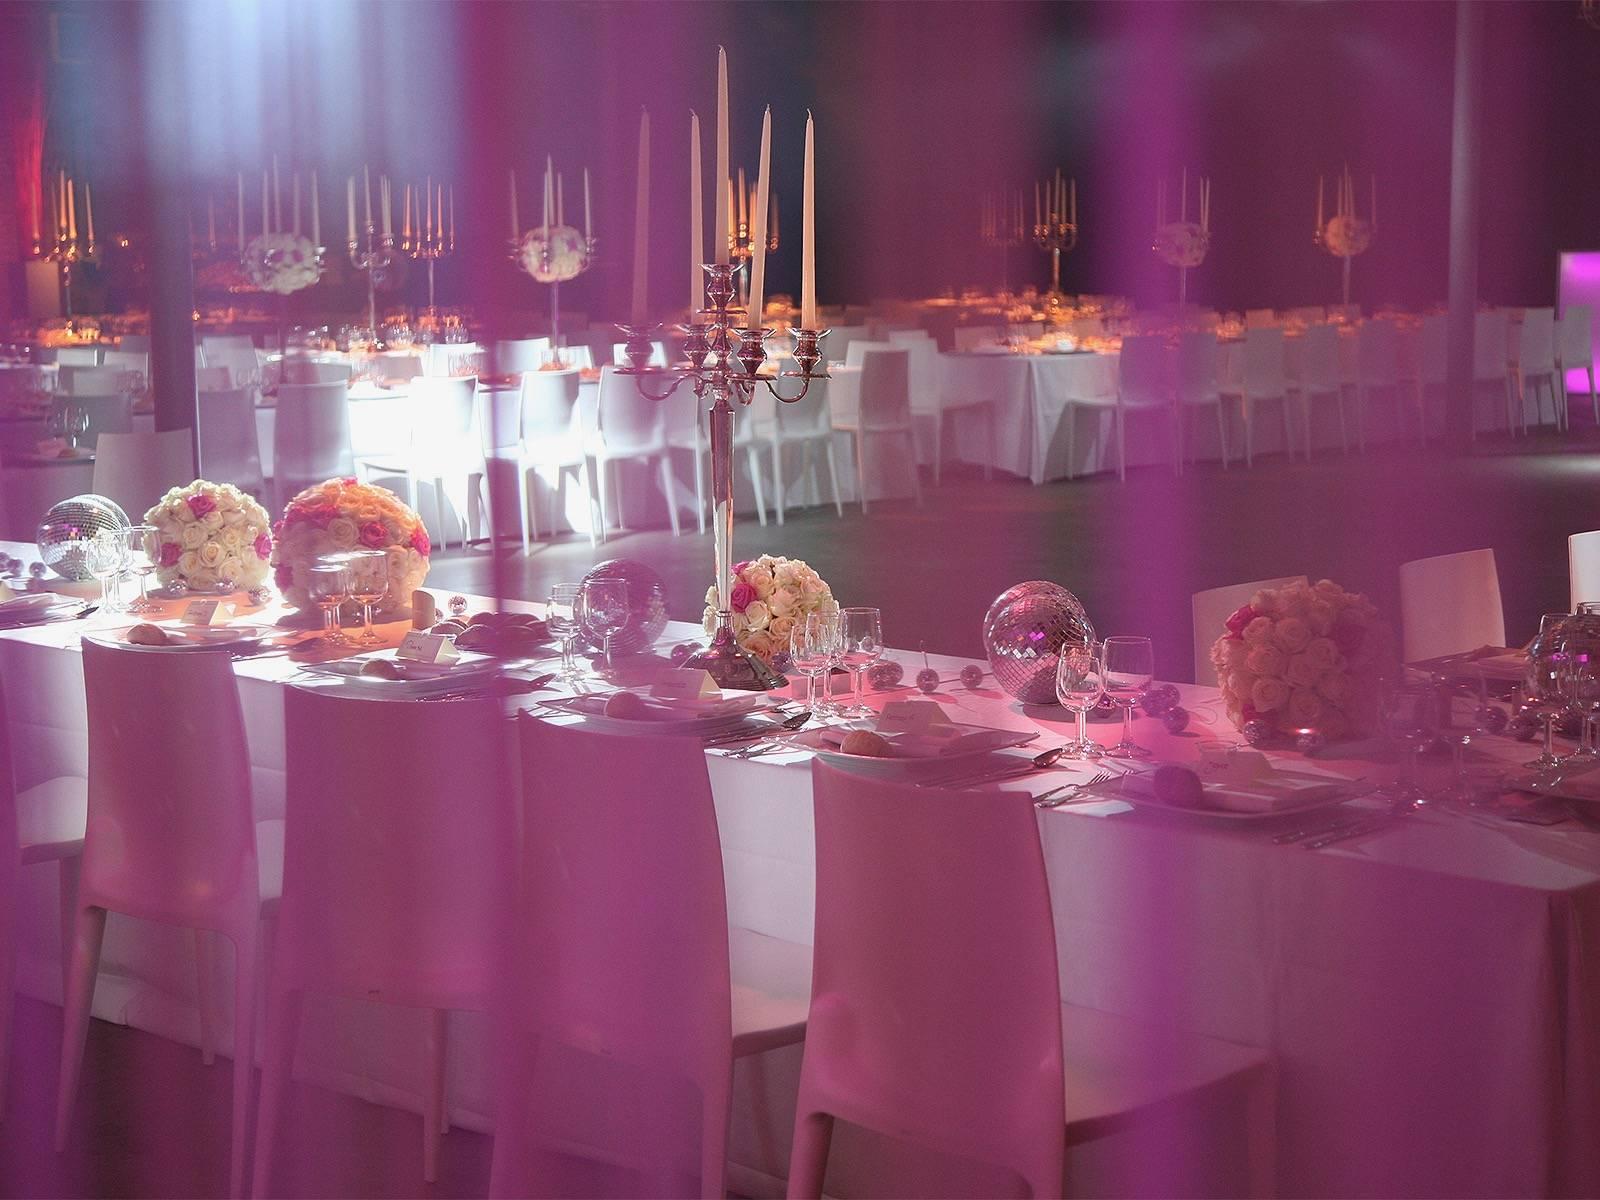 Traiteur Leconte - Catering event - Traiteur - House of Events - 5